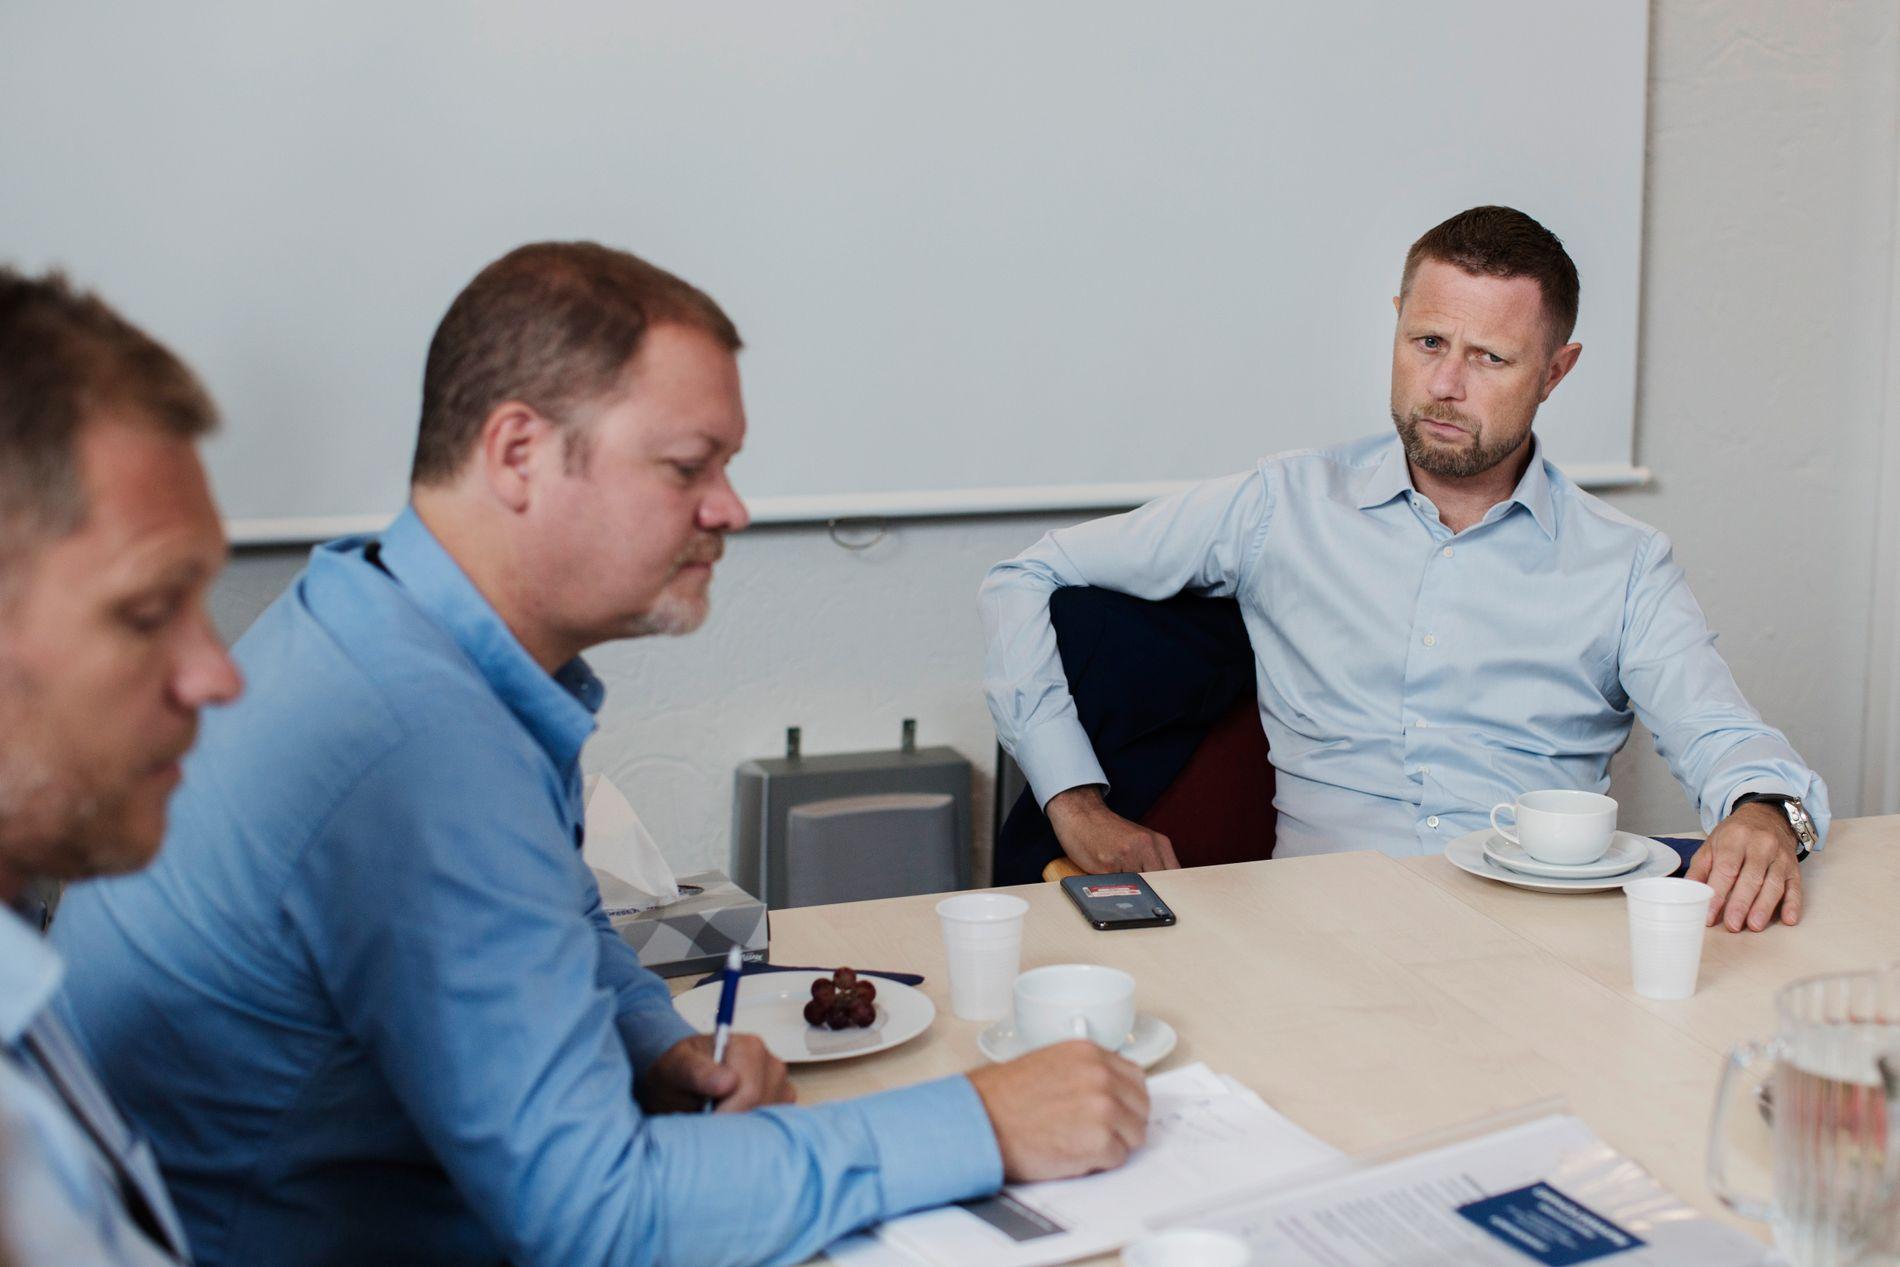 MÅ TA GREP: Å møte pasientene ansikt til ansikt vil redusere antall avviste pasienter, mener helseminister Bent Høie. Psykisk helsevern blir ett av hovedtemaene i Nasjonal Helse- og sykehusplan, som skal legges fram høsten 2019.